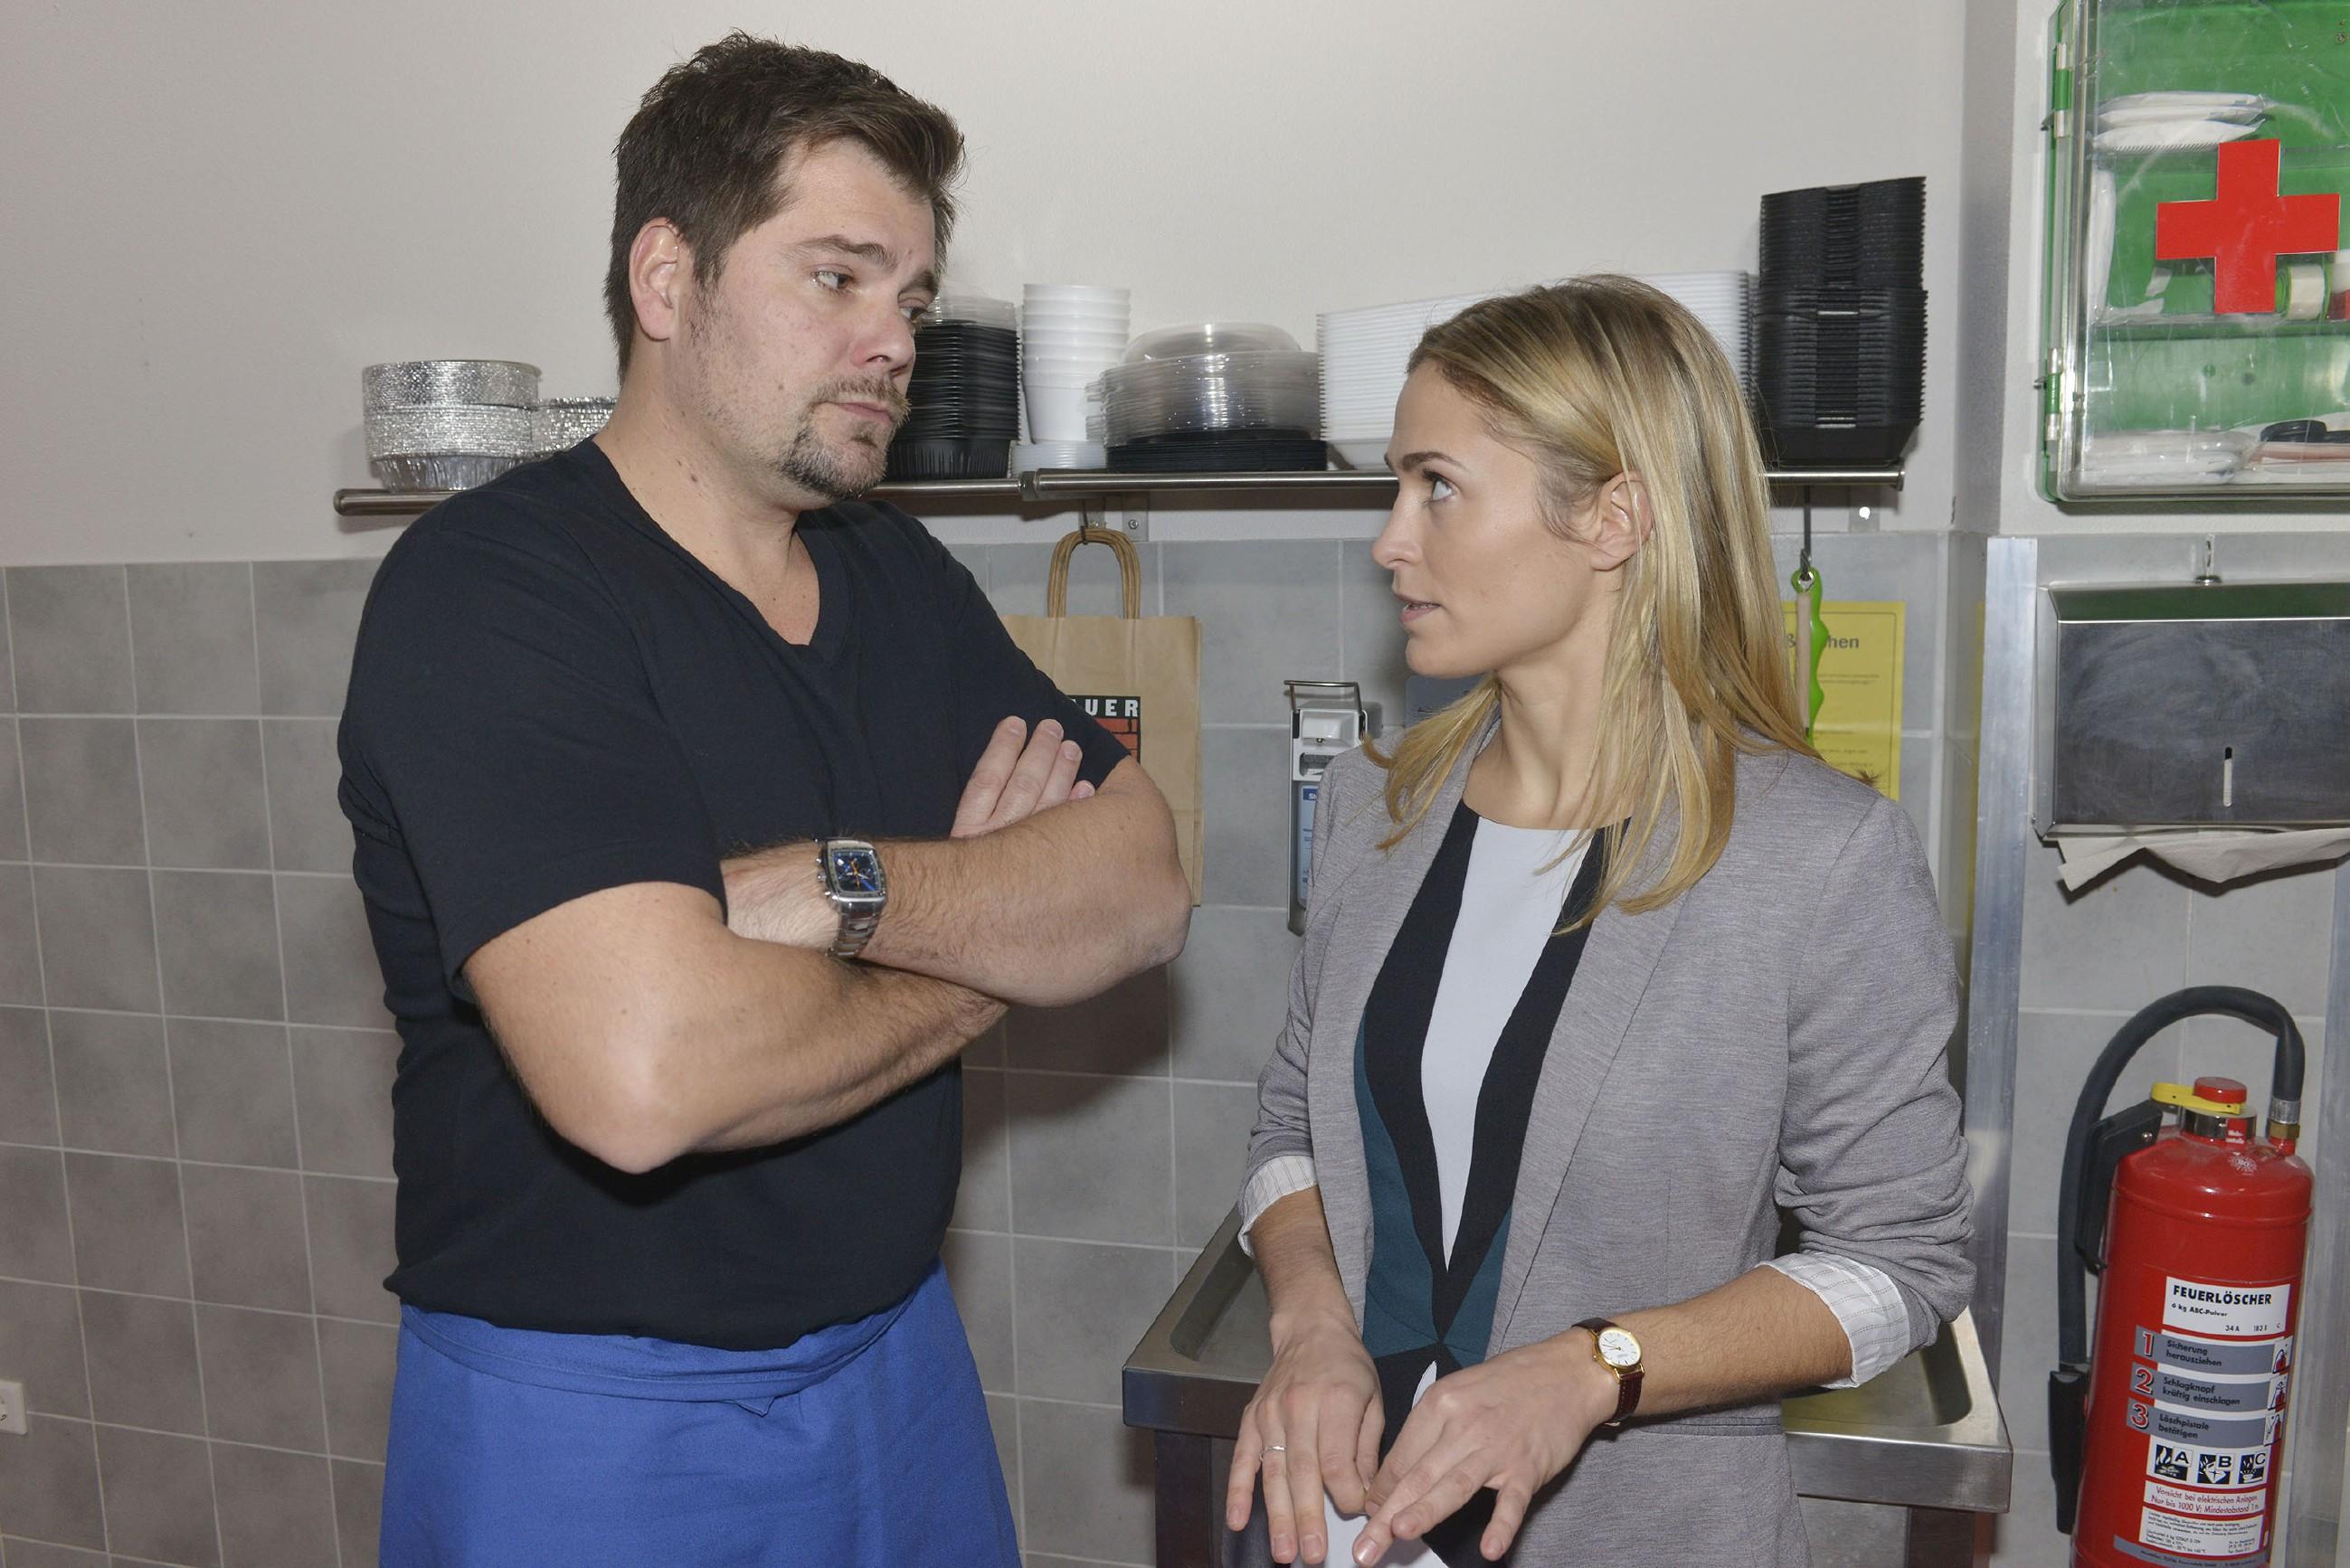 Sophie (Lea Marlen Woitack) versucht die beklommene Stimmung zwischen Leon (Daniel Fehlow) und sich zu entkrampfen, und tatsächlich stellt sich für einen Moment die alte Verbundenheit ein. Aber reicht das für einen Neuanfang? (Quelle: RTL / Rolf Baumgartner)